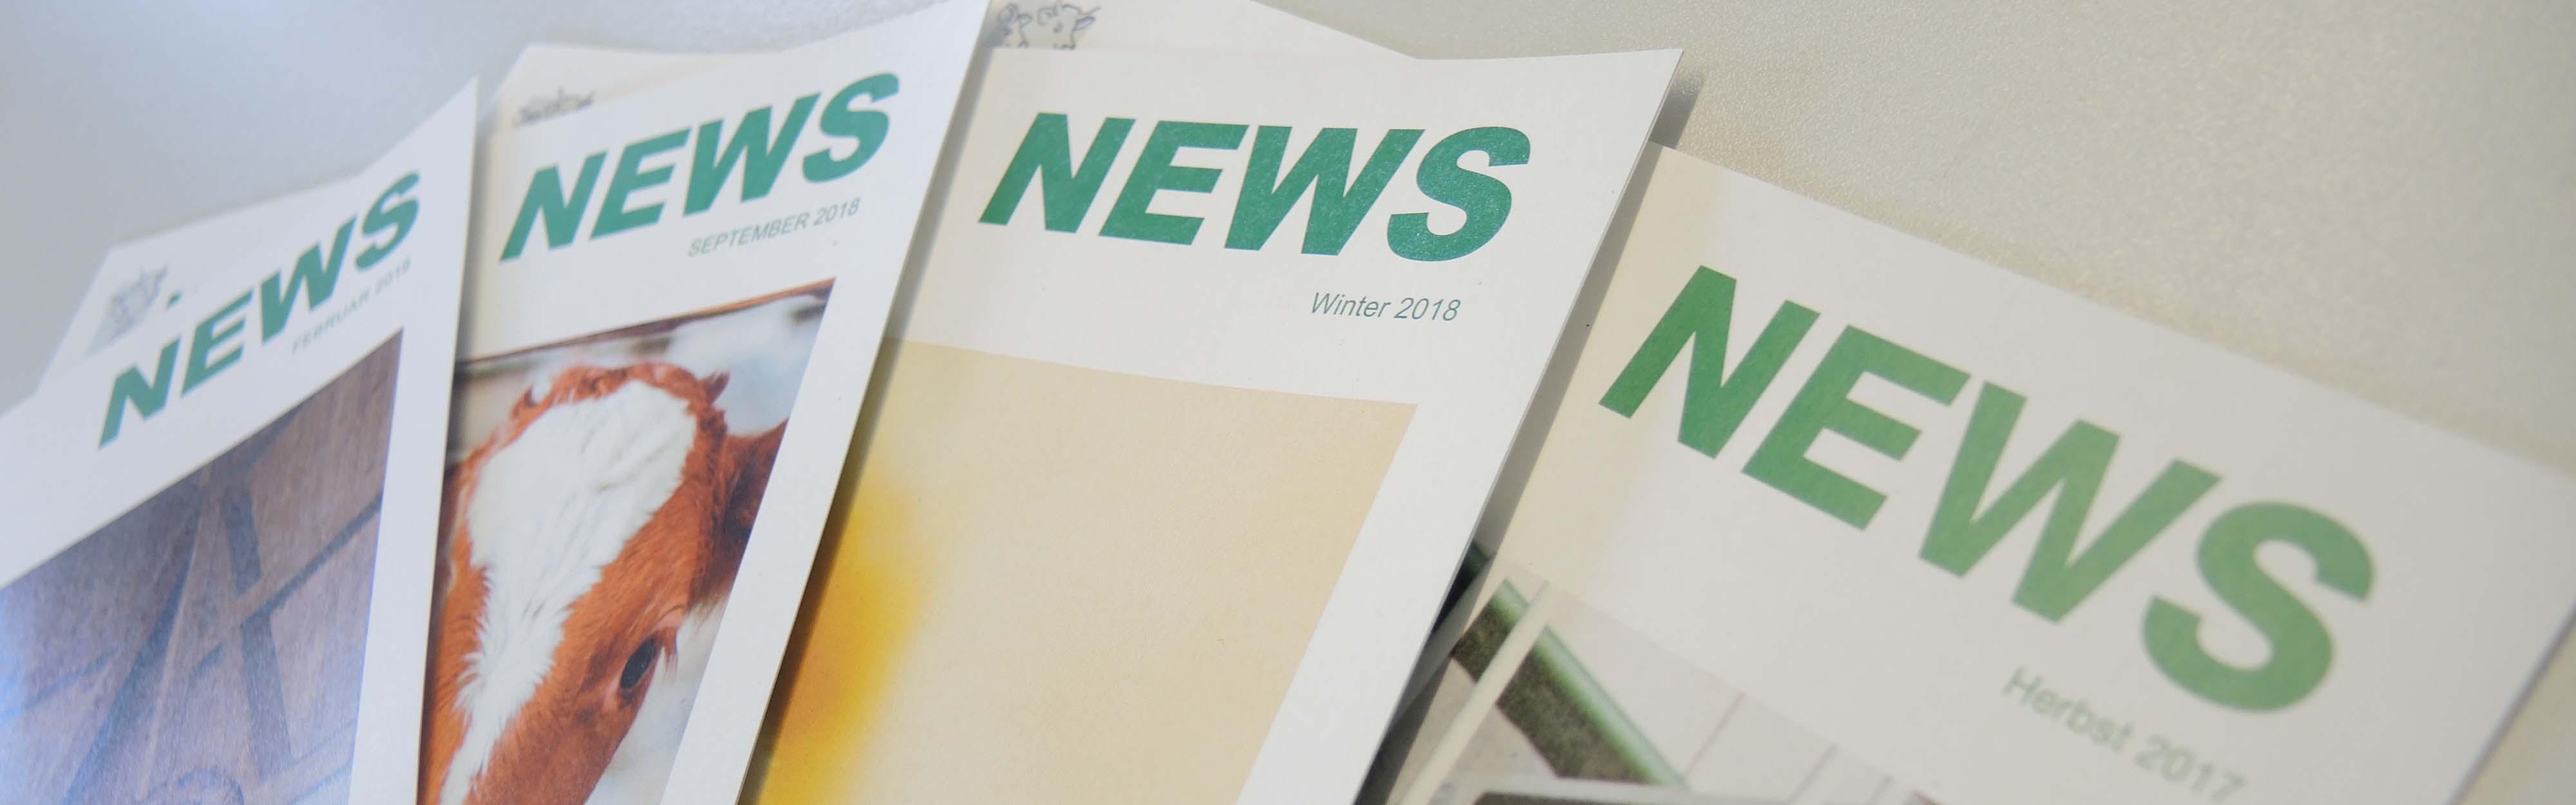 News Flyer